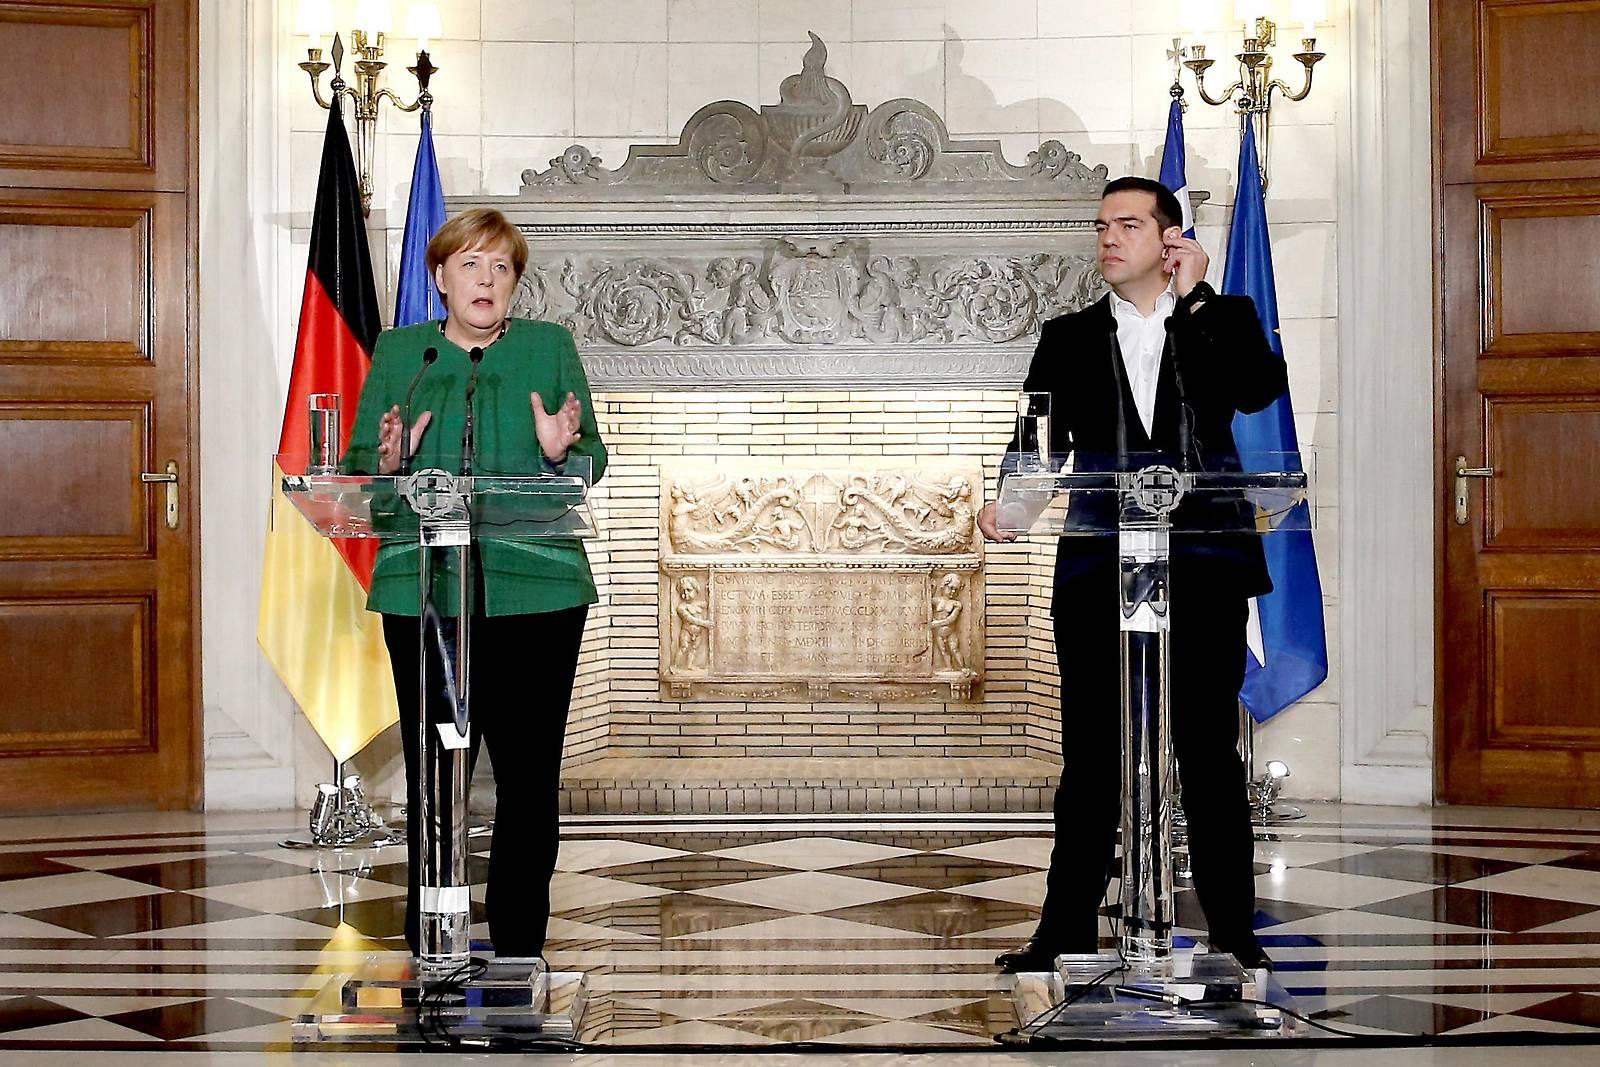 Merkel und Tsipras wollen neue Ära der Zusammenarbeit